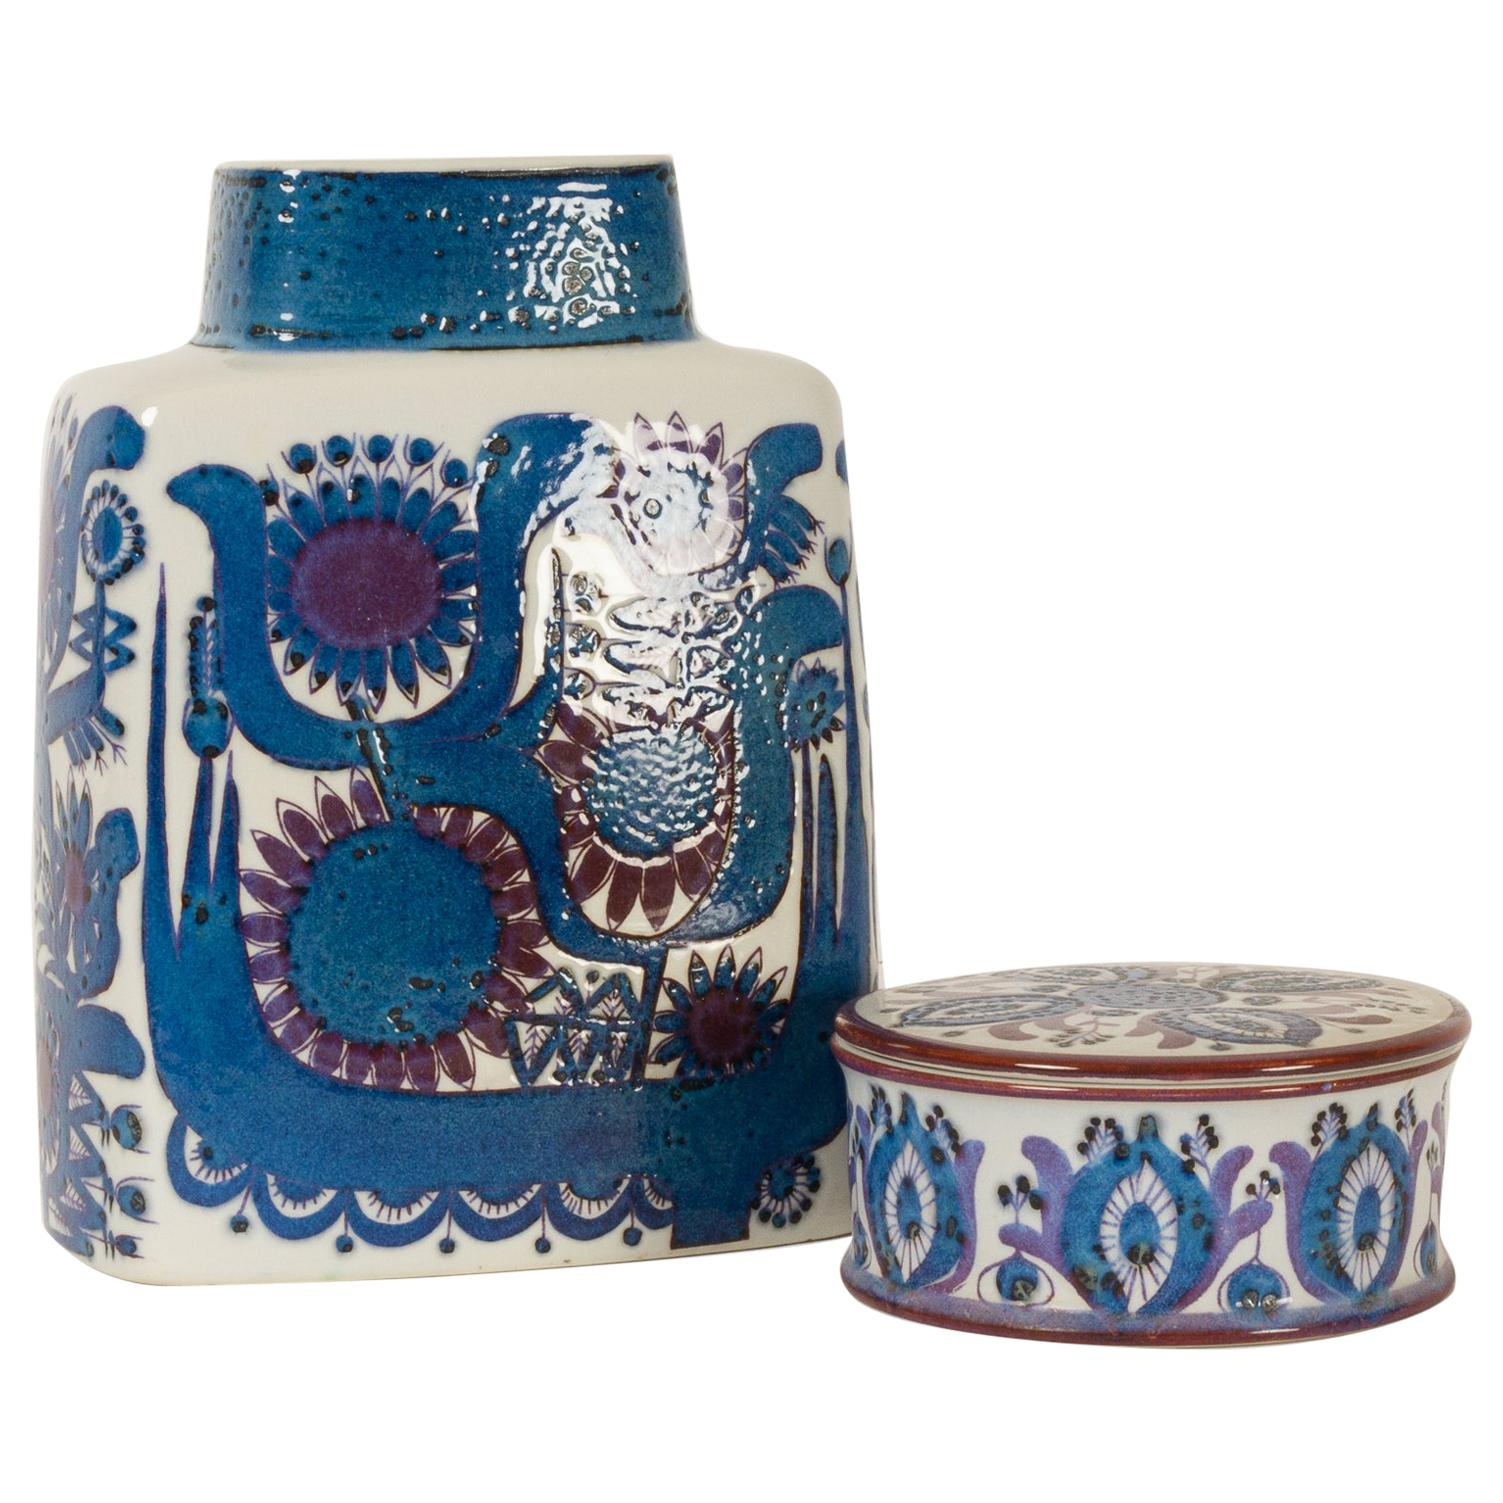 Mid-century Modern Porcelain Vase and Jar by Berte Jessen for Royal Copenhagen